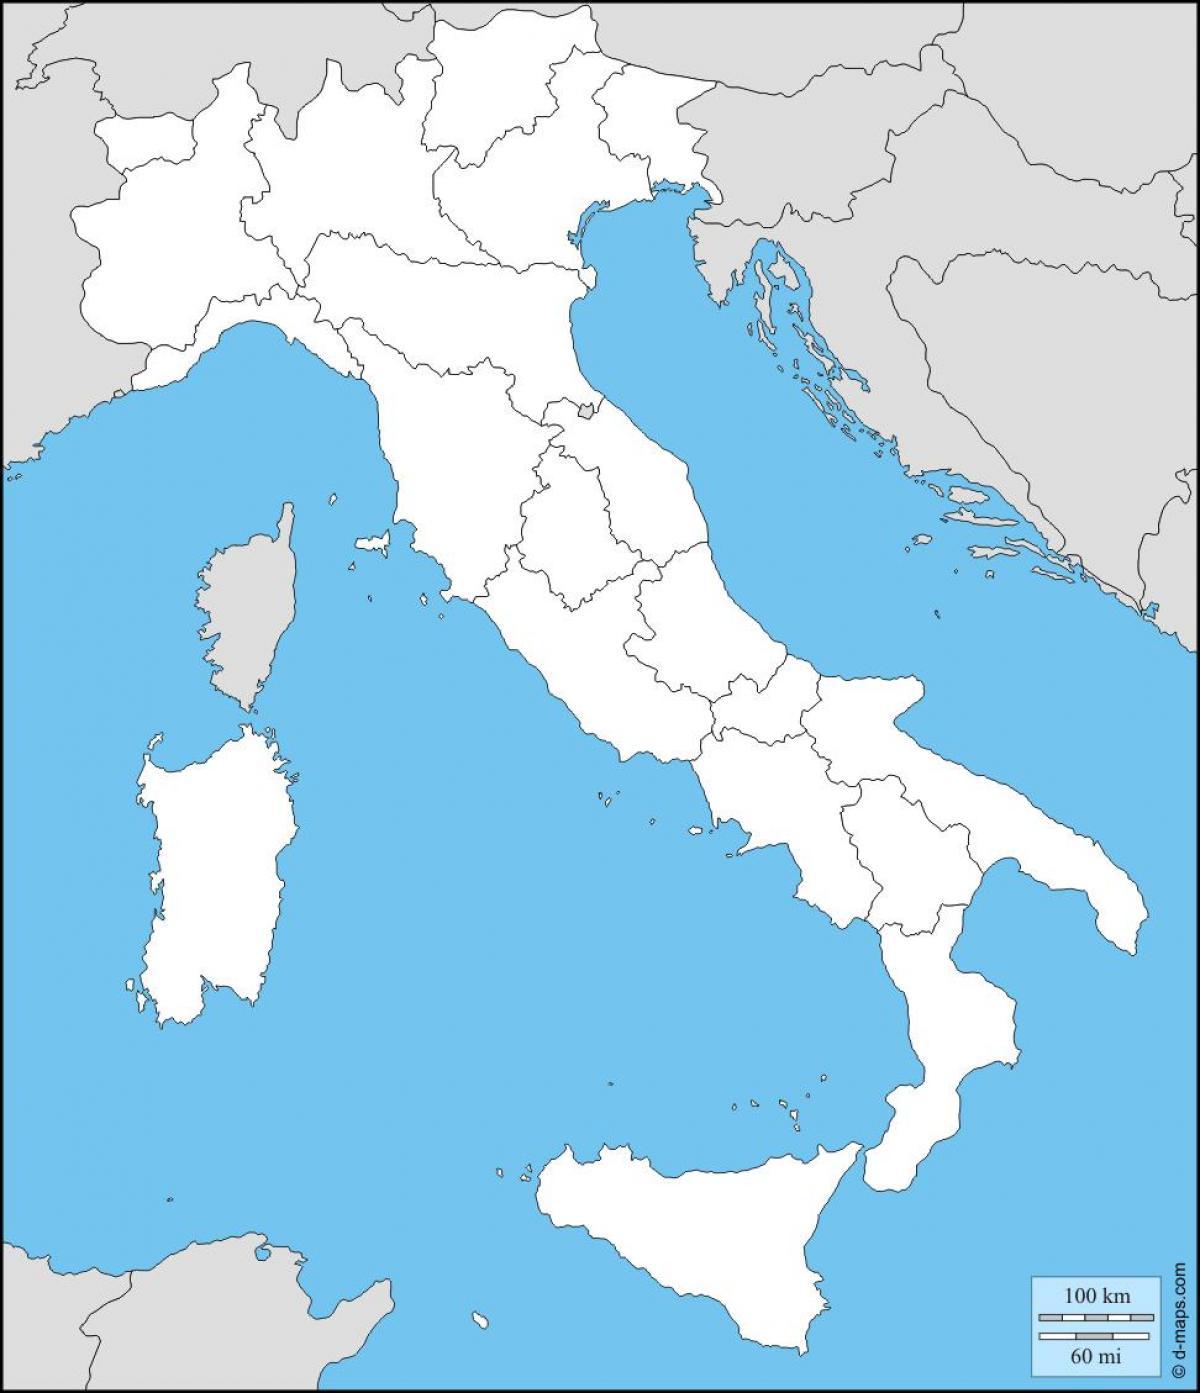 Cartina Vuota Dell Italia.Mappa Vuota Di Italia Vuoto Cartina Dell Italia Con Le Regioni Europa Del Sud Europa